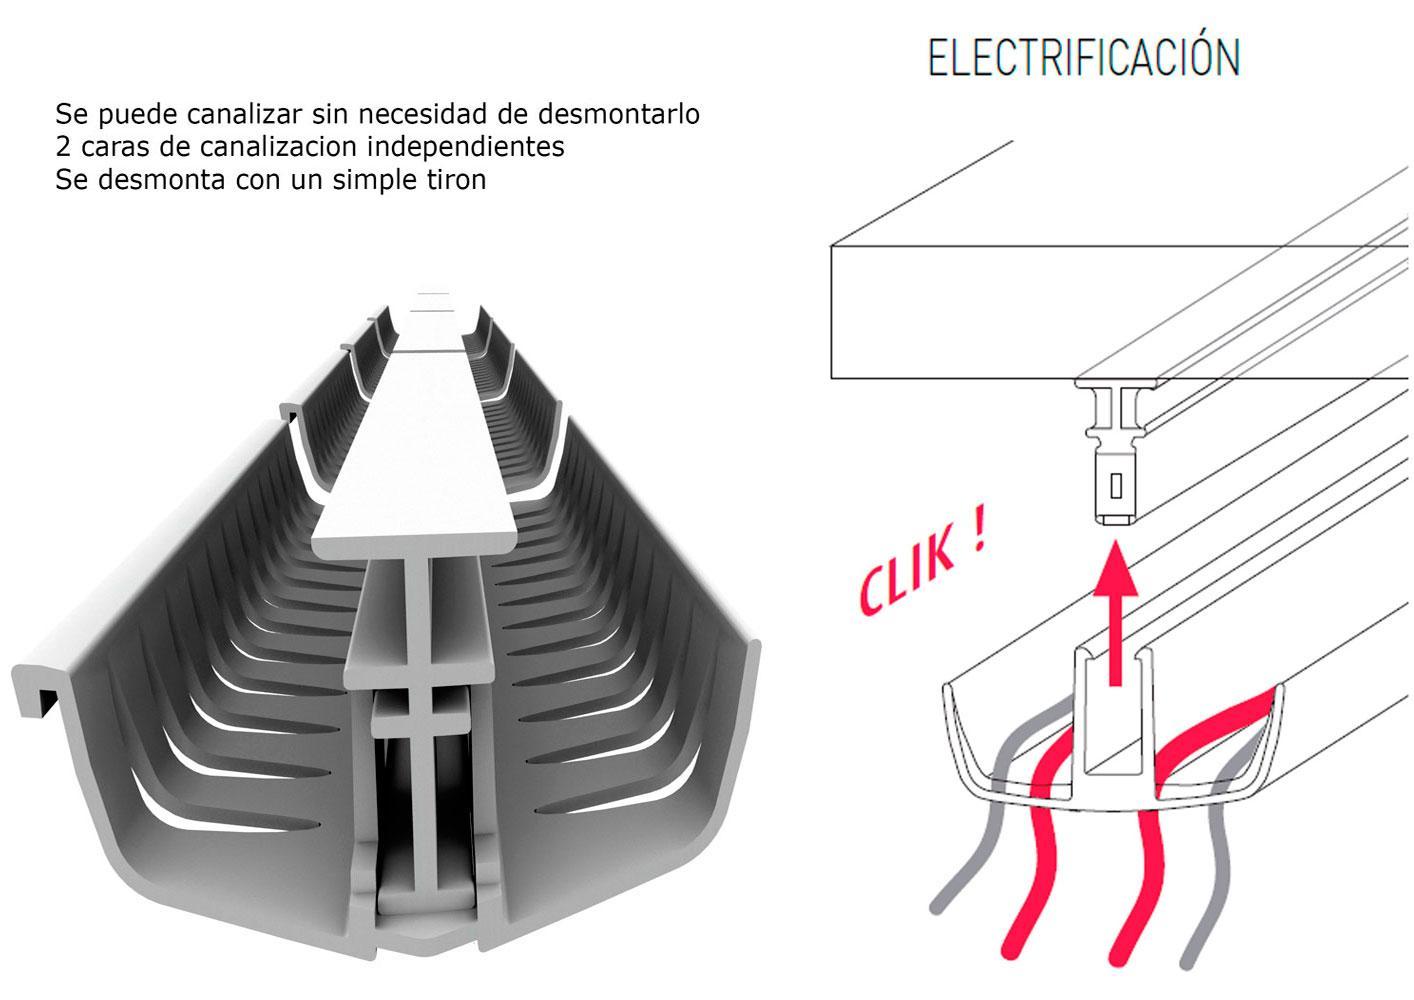 Telecanal electrificacion Profesional Modular poliestireno Alta Resistencia ber39515